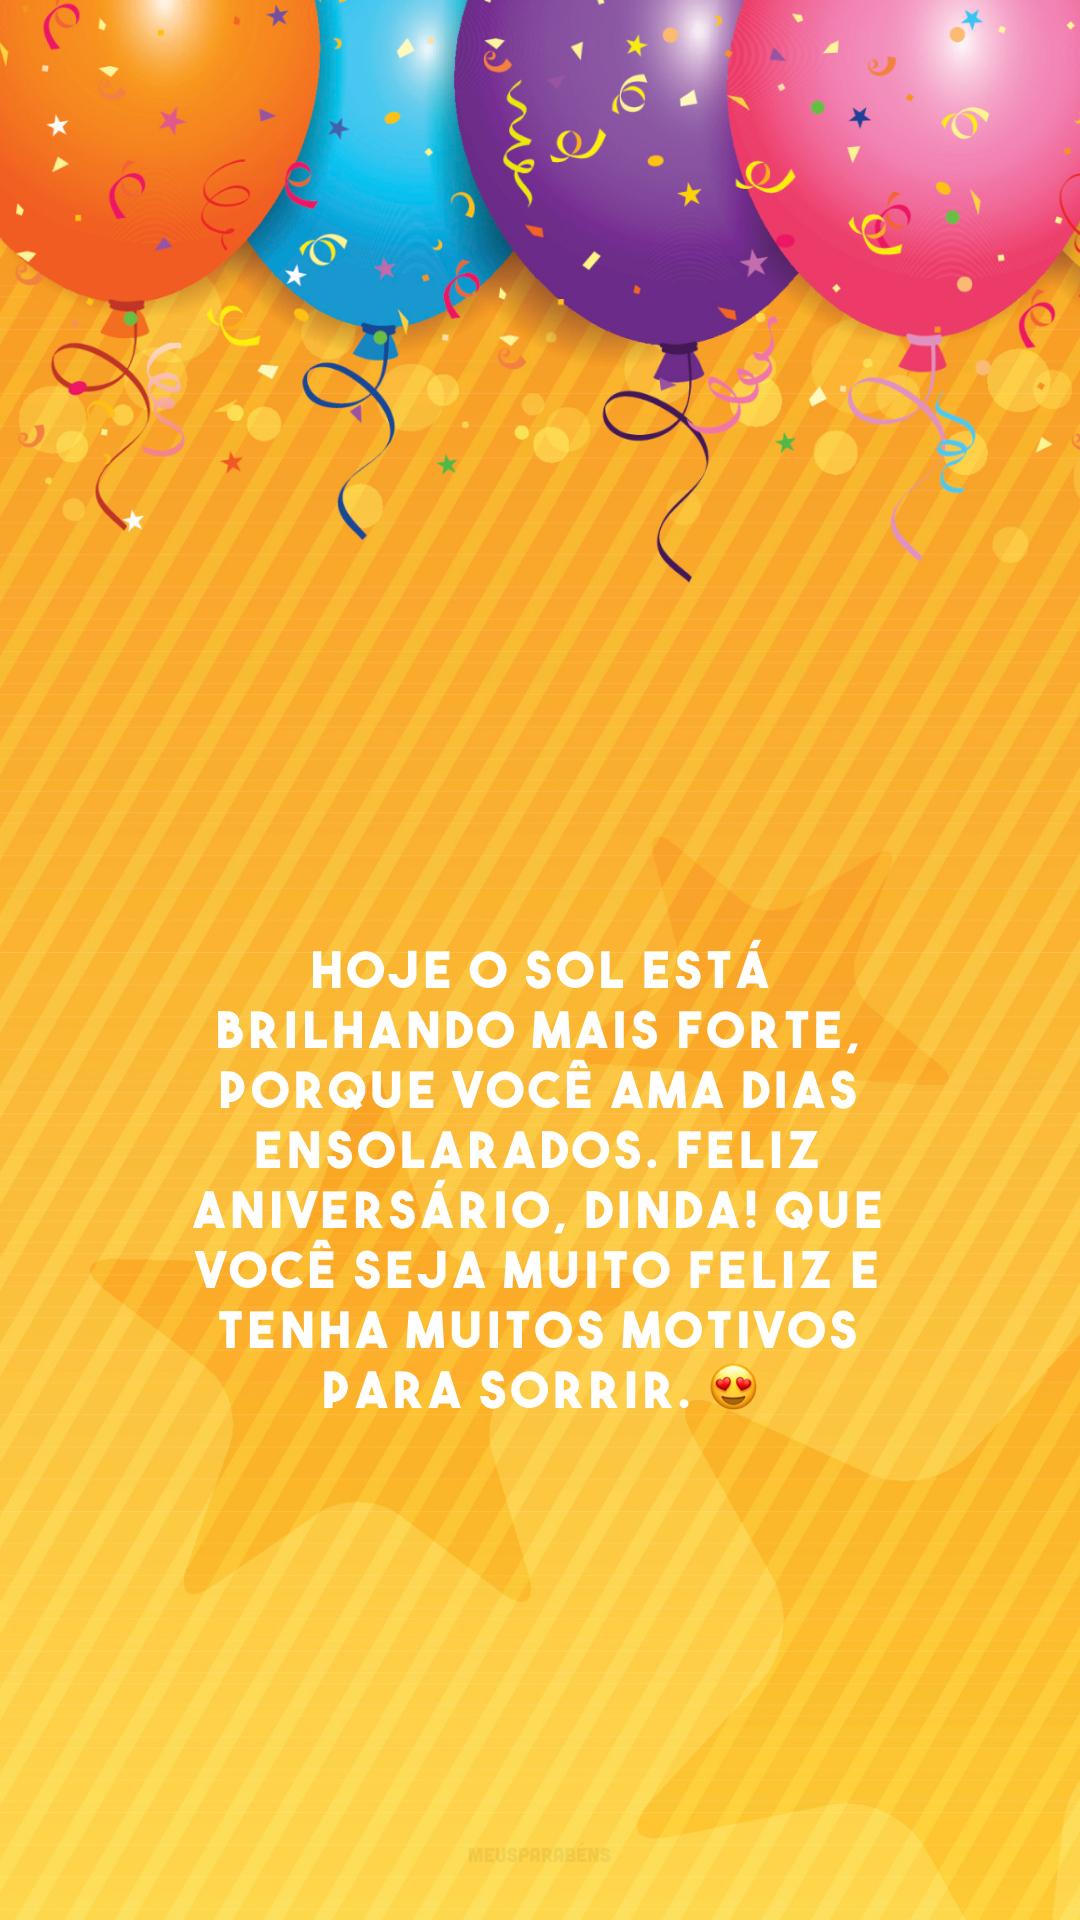 Hoje o sol está brilhando mais forte, porque você ama dias ensolarados. Feliz aniversário, dinda! Que você seja muito feliz e tenha muitos motivos para sorrir. 😍